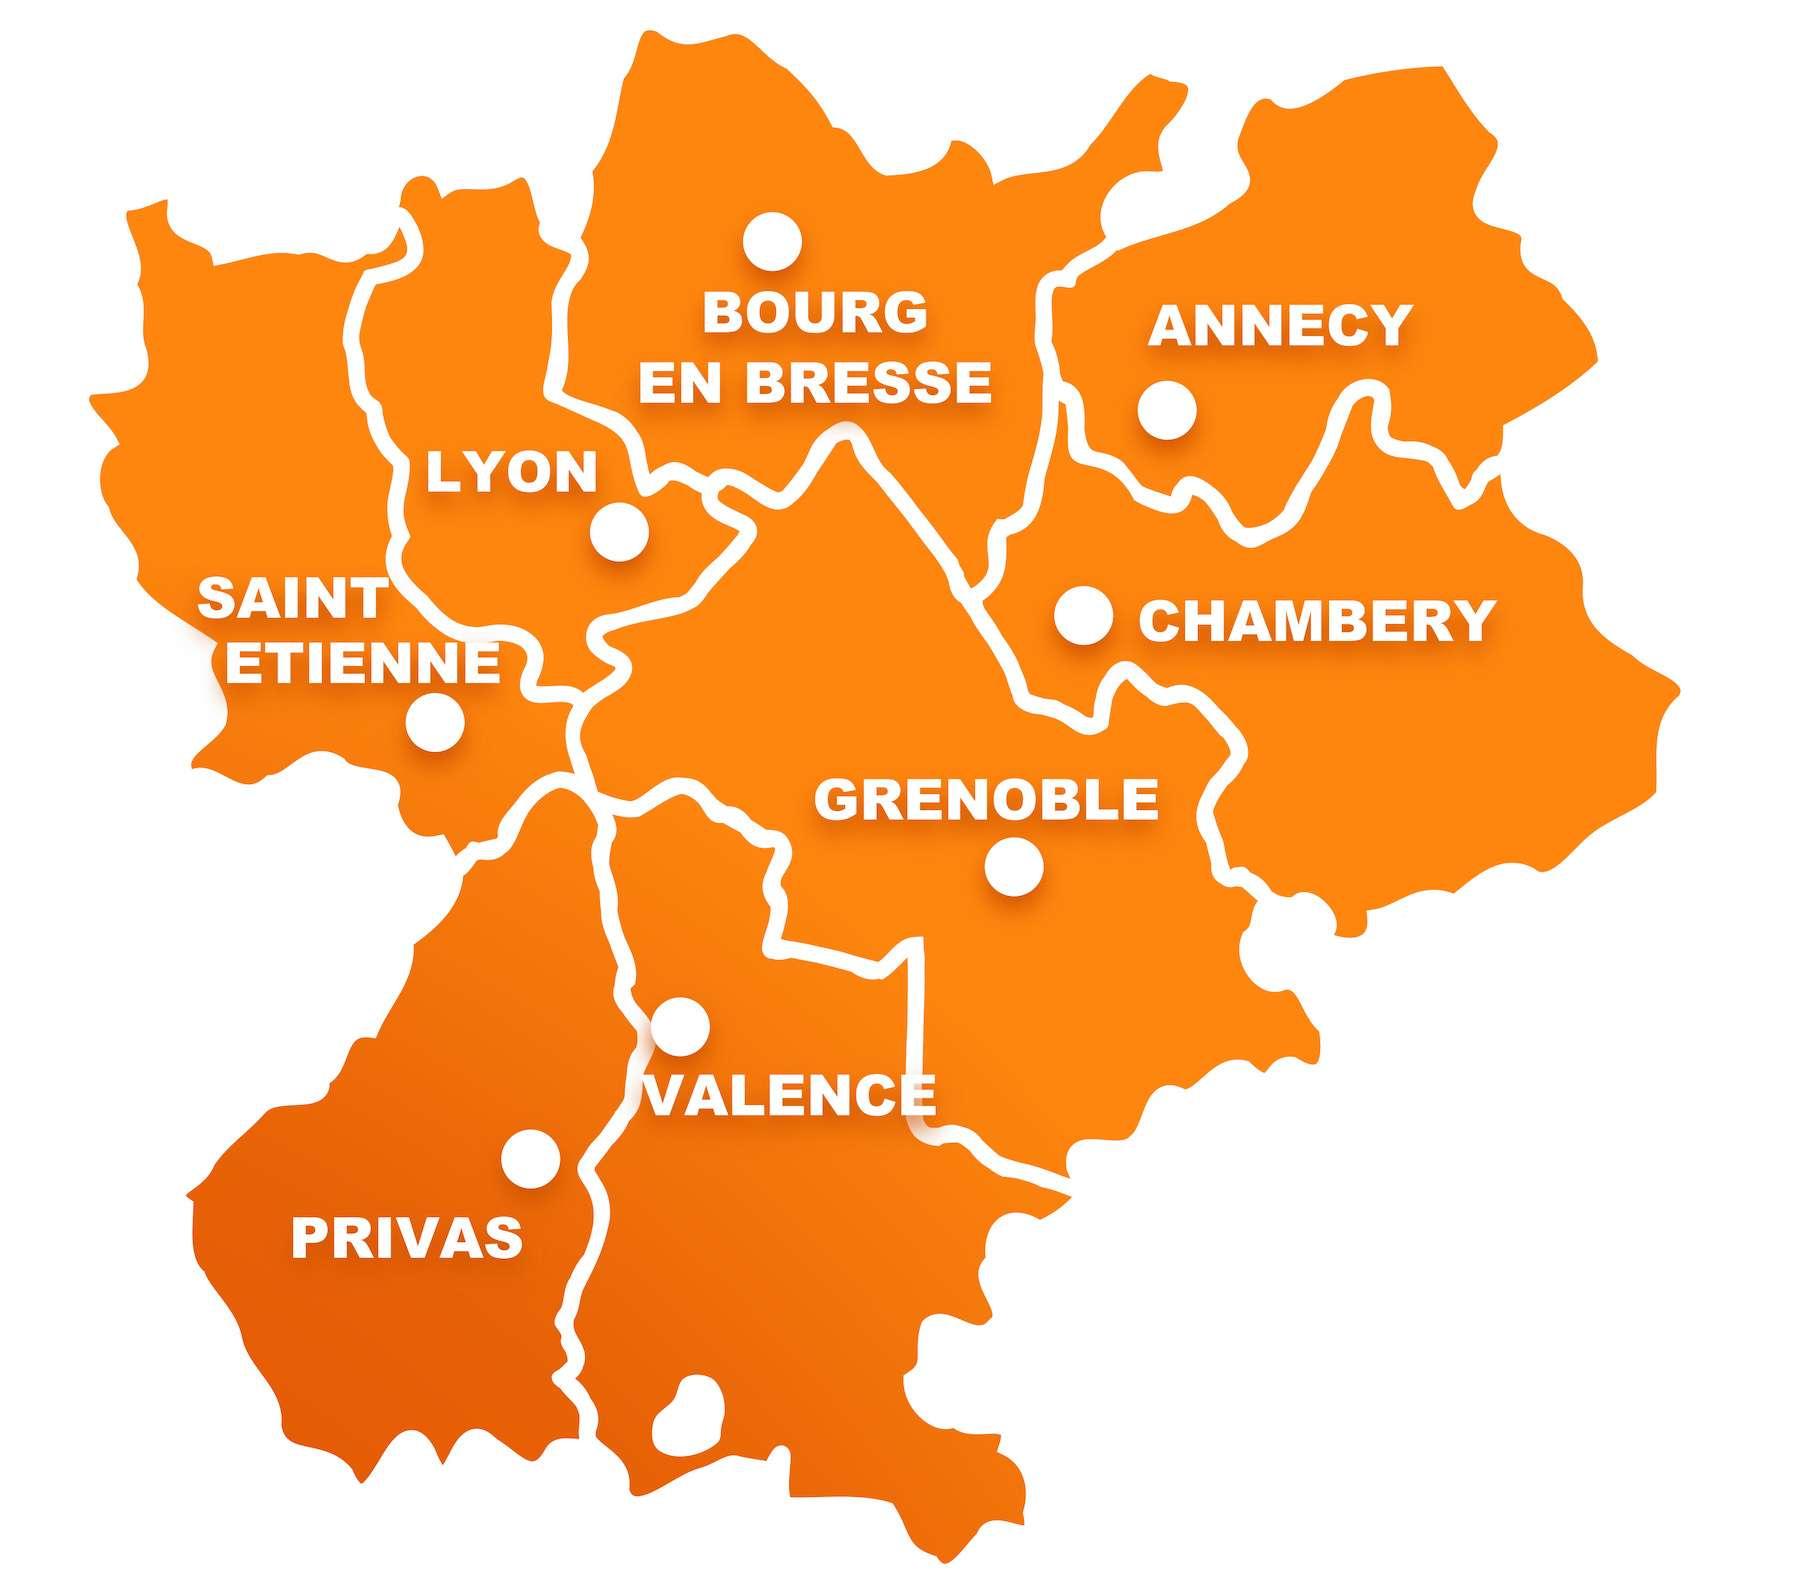 La région Rhône-Alpes, et tout particulièrement la Savoie, est particulièrement touchée par la deuxième vague de l'épidémie de coronavirus. © Ainoa, Adobe Stock